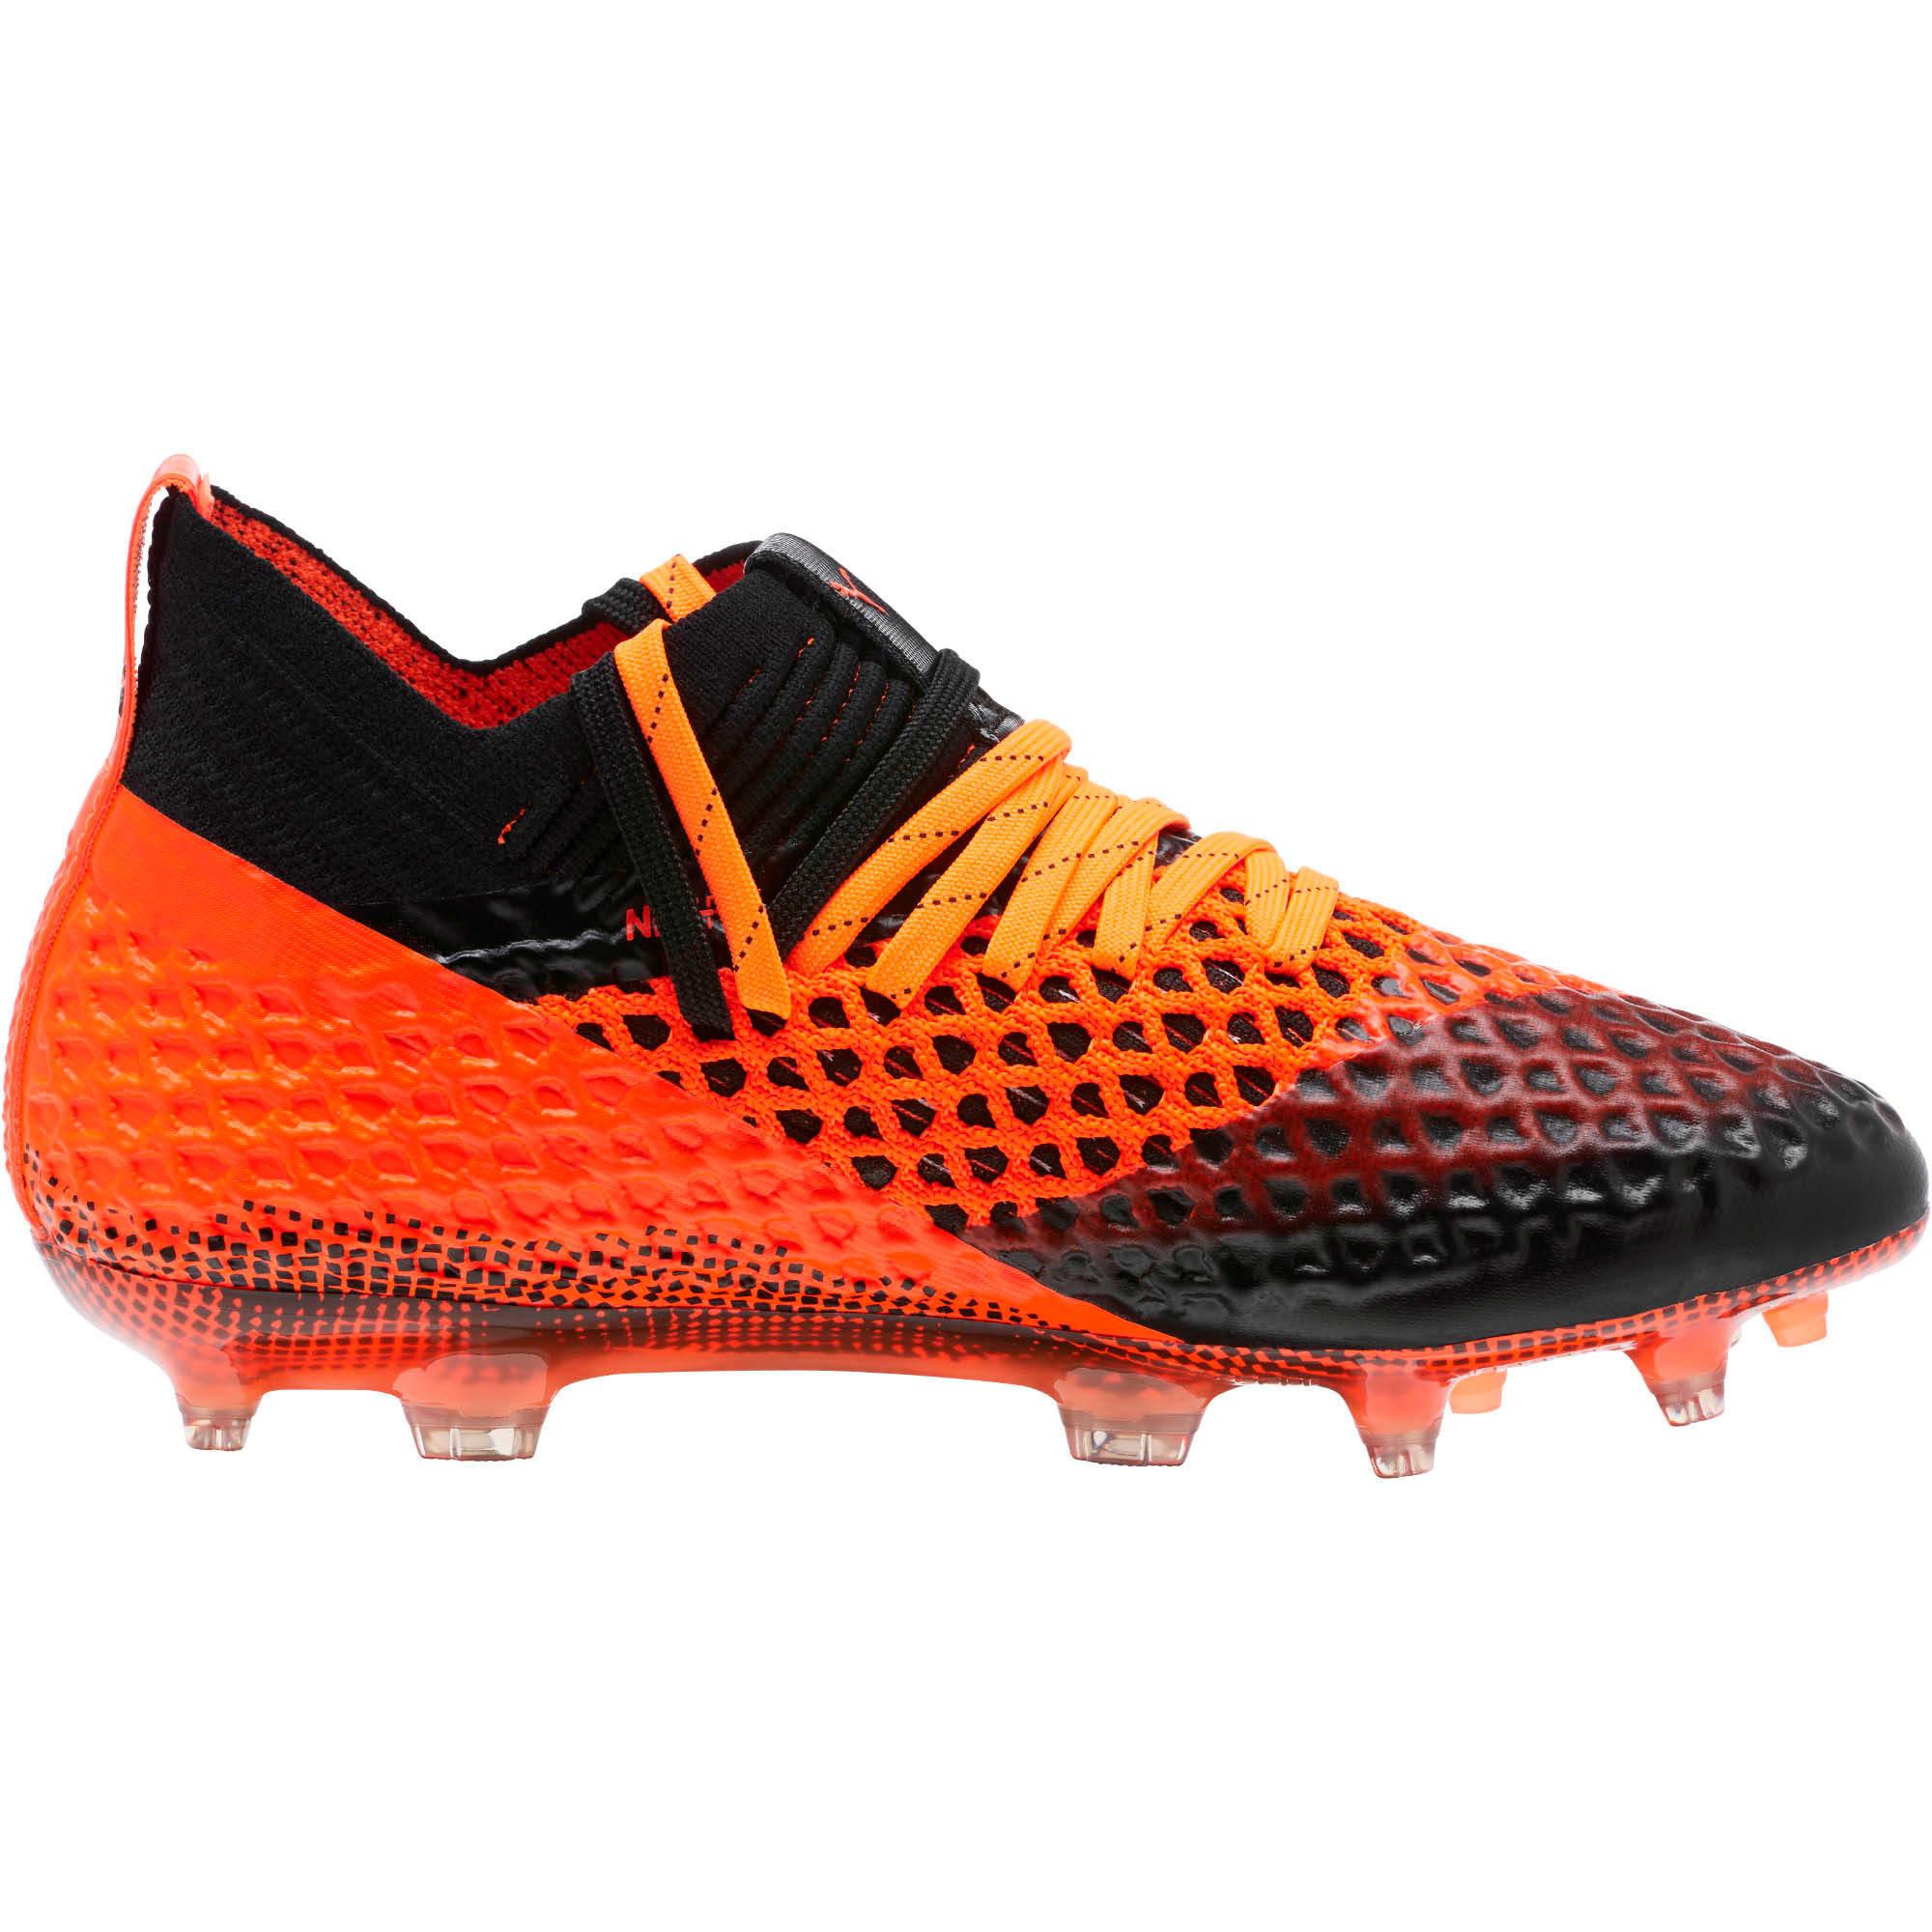 Thumbnail 3 of FUTURE 2.1 NETFIT FG/AG Soccer Cleats JR, Black-Orange, medium